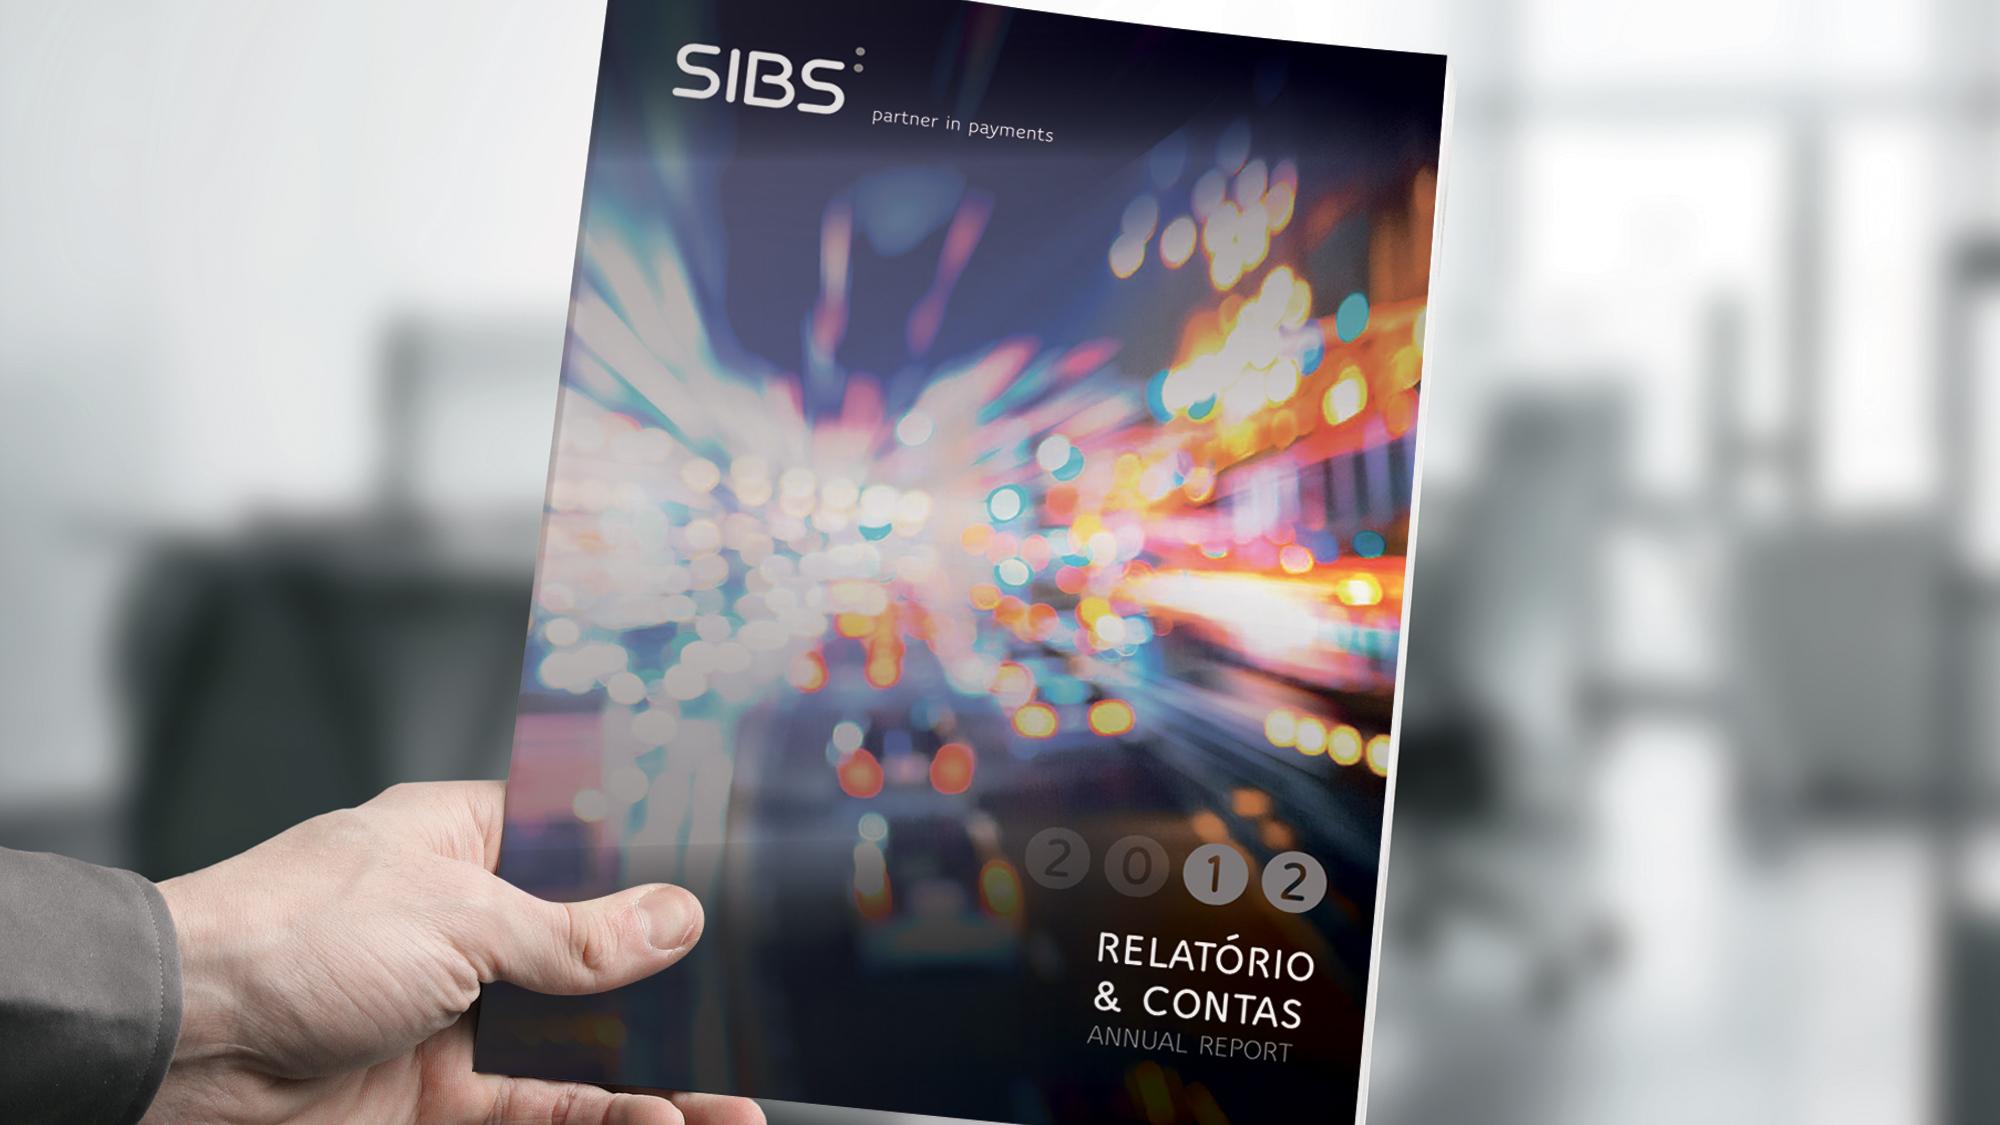 sibs relatorio 1